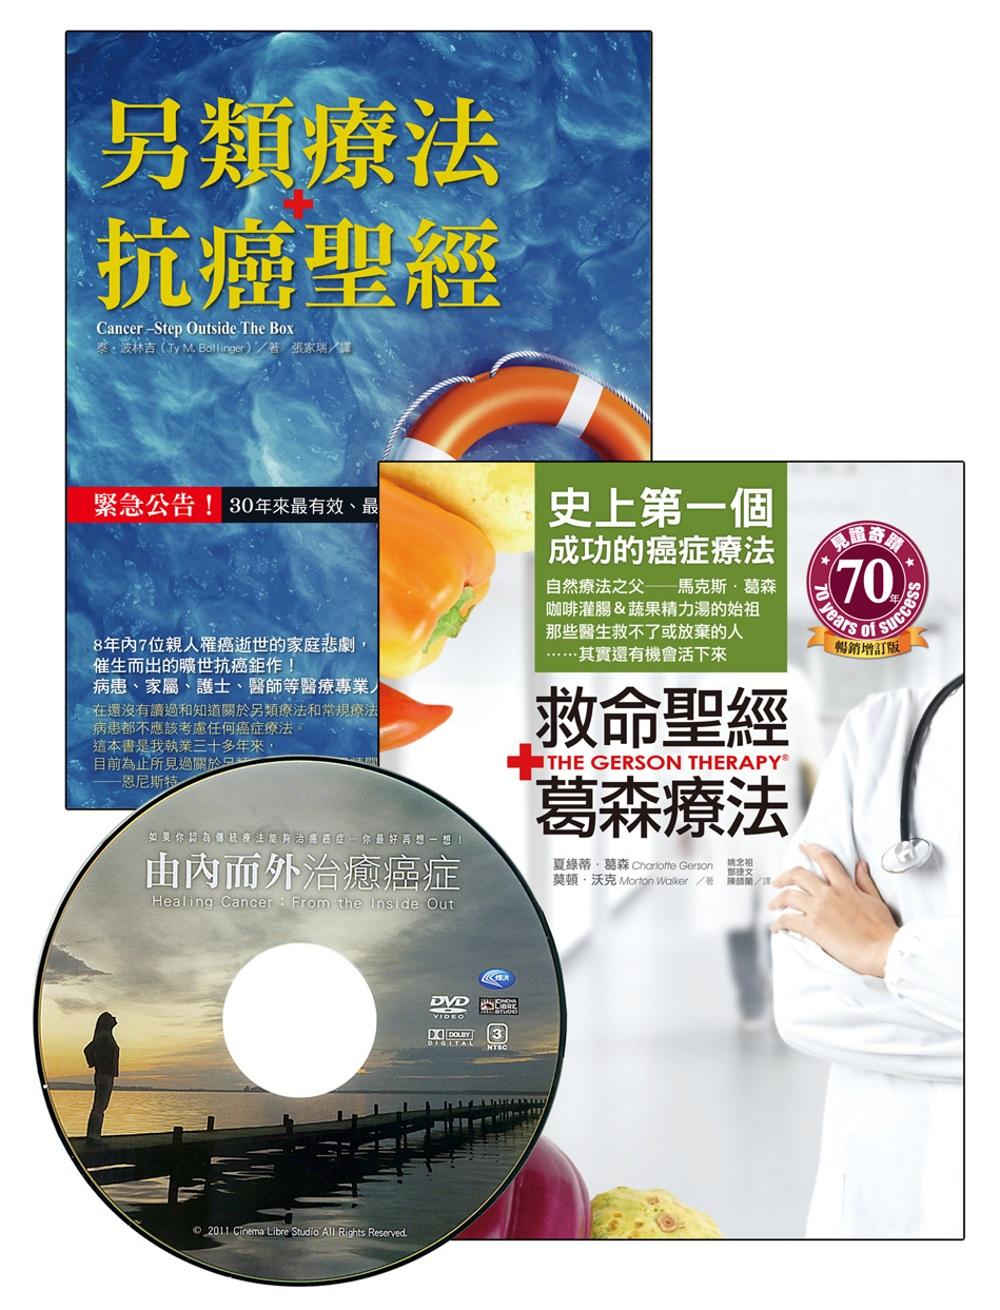 救命聖經‧葛森療法+另類療法‧抗癌聖經(抗癌雙霸套書,加贈由內而外治癒癌症 DVD)